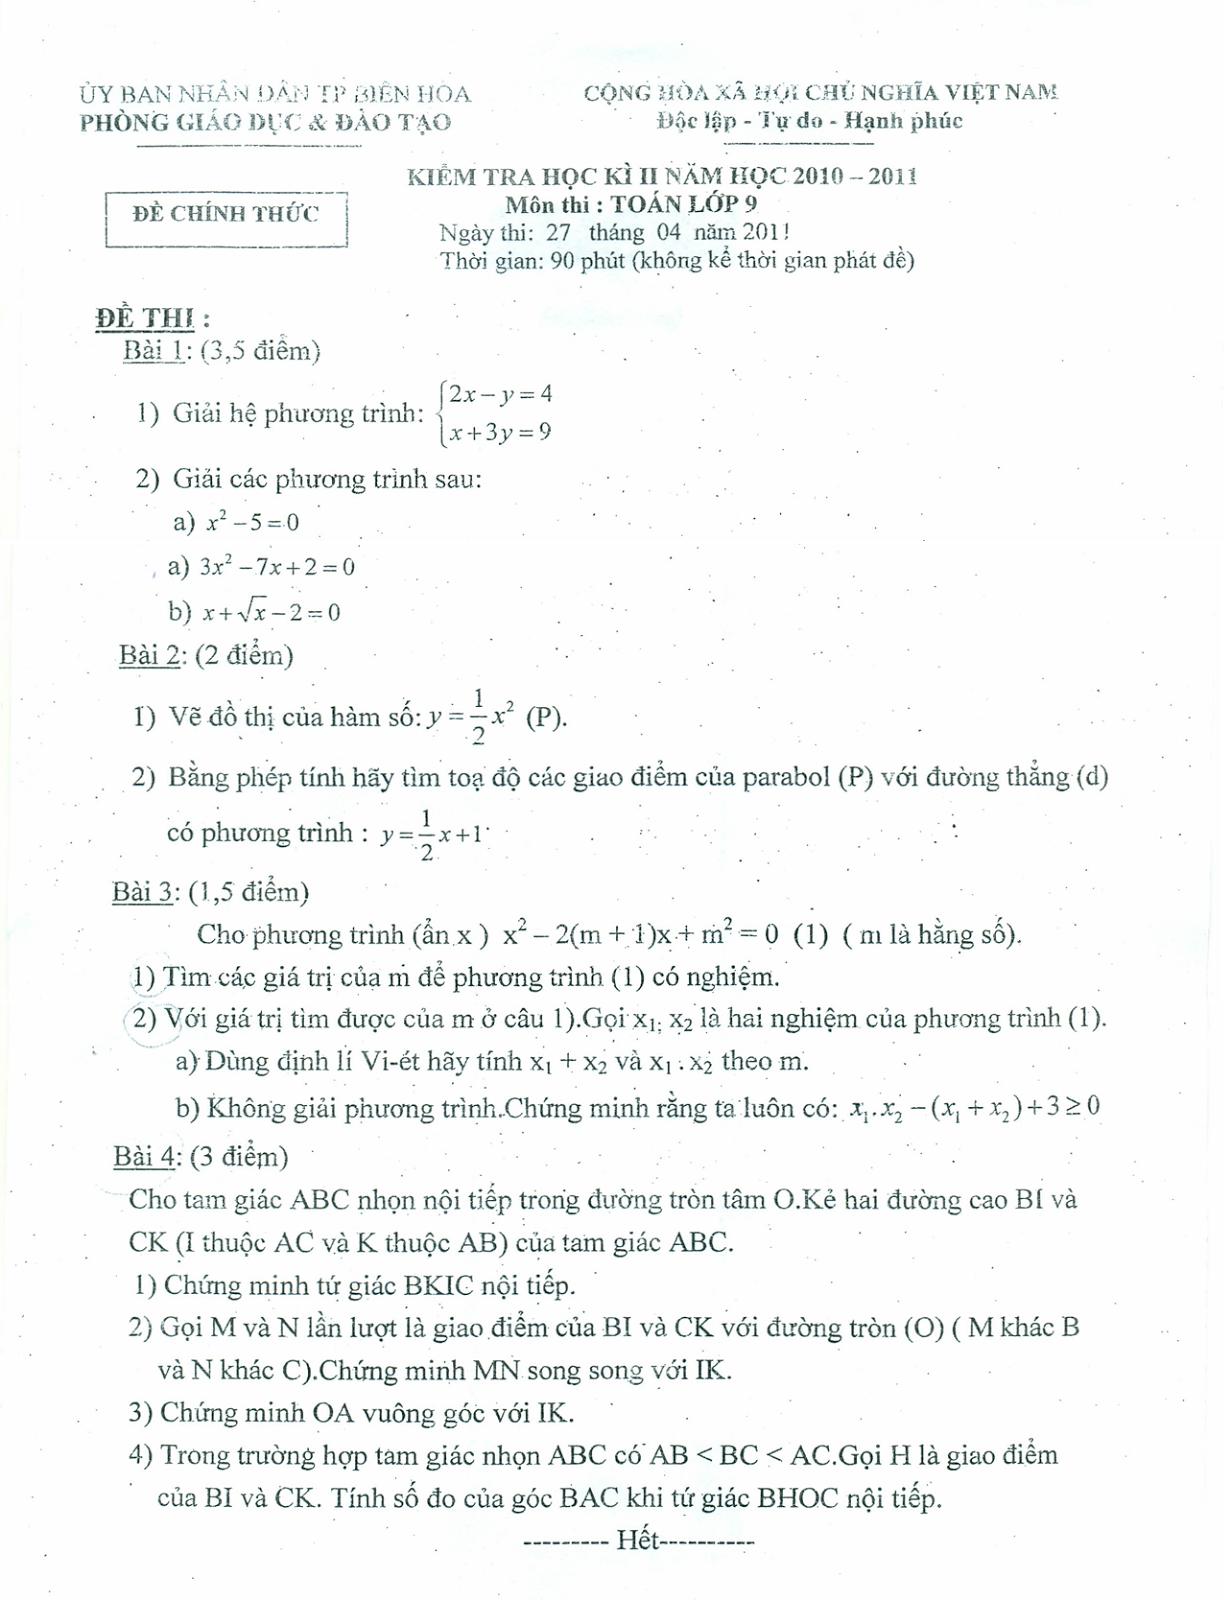 Đề thi học kỳ 2 môn toán lớp 9 tỉnh Đồng Nai năm 2011